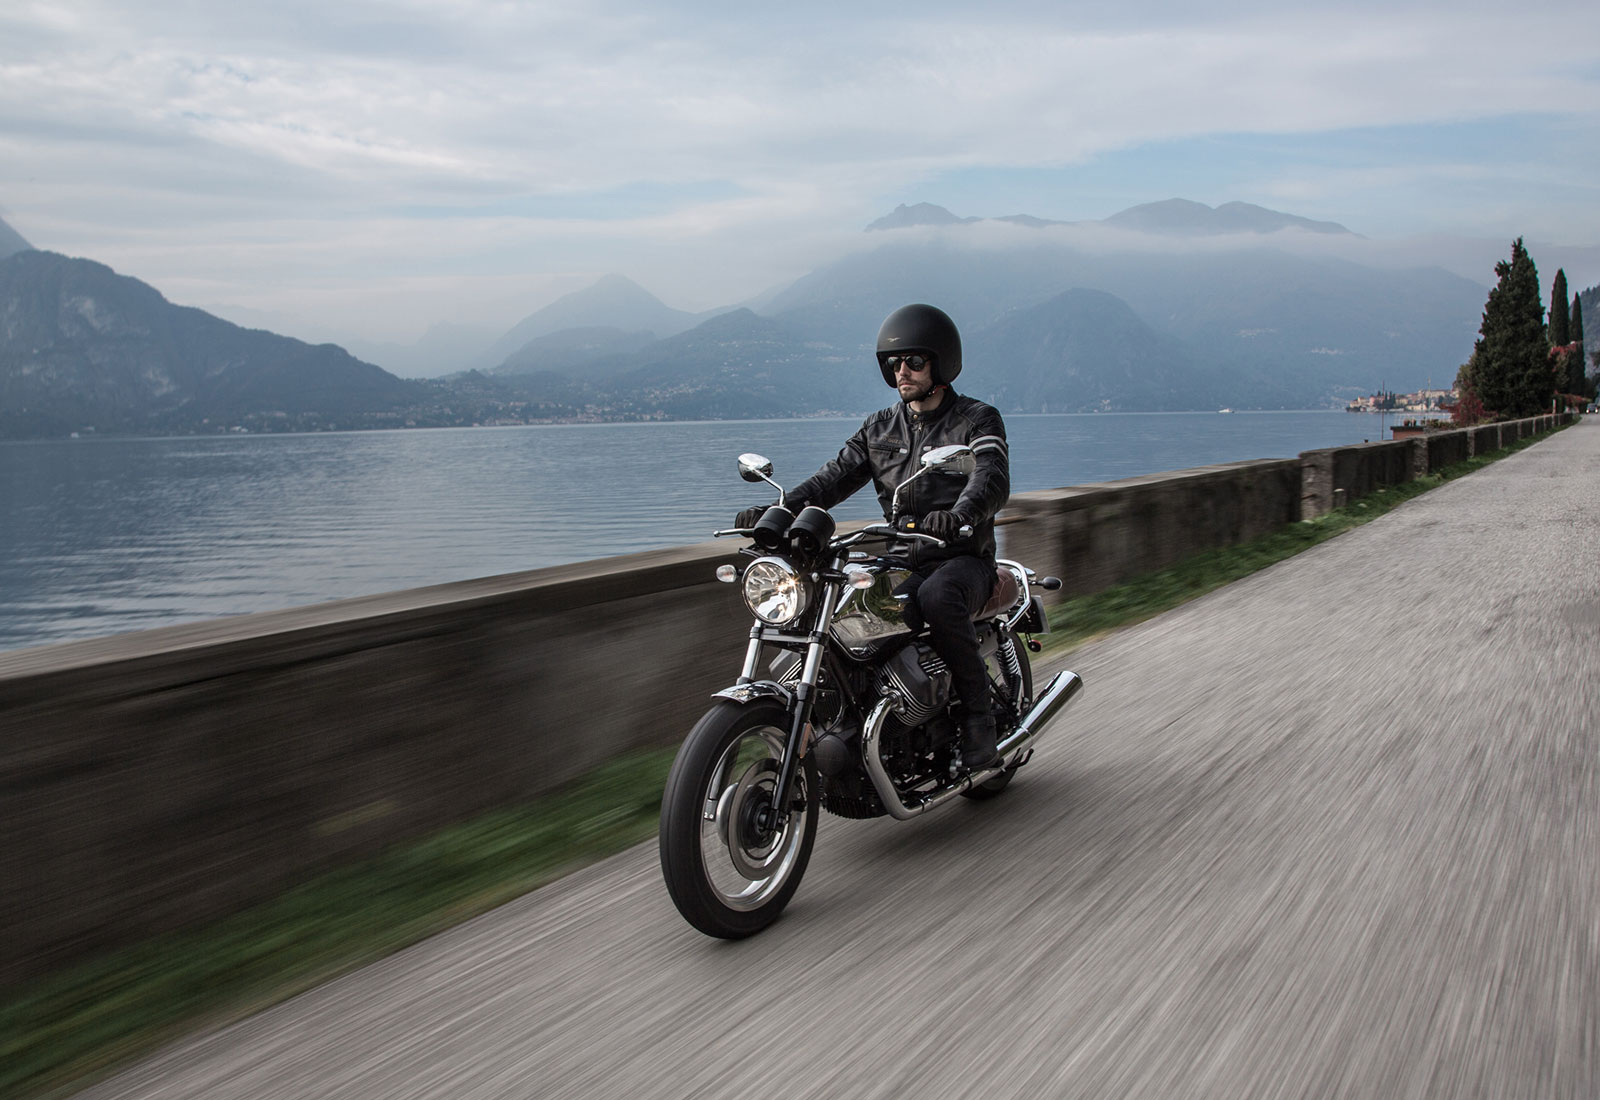 persona conduciendo una moto guzzi v7 iii